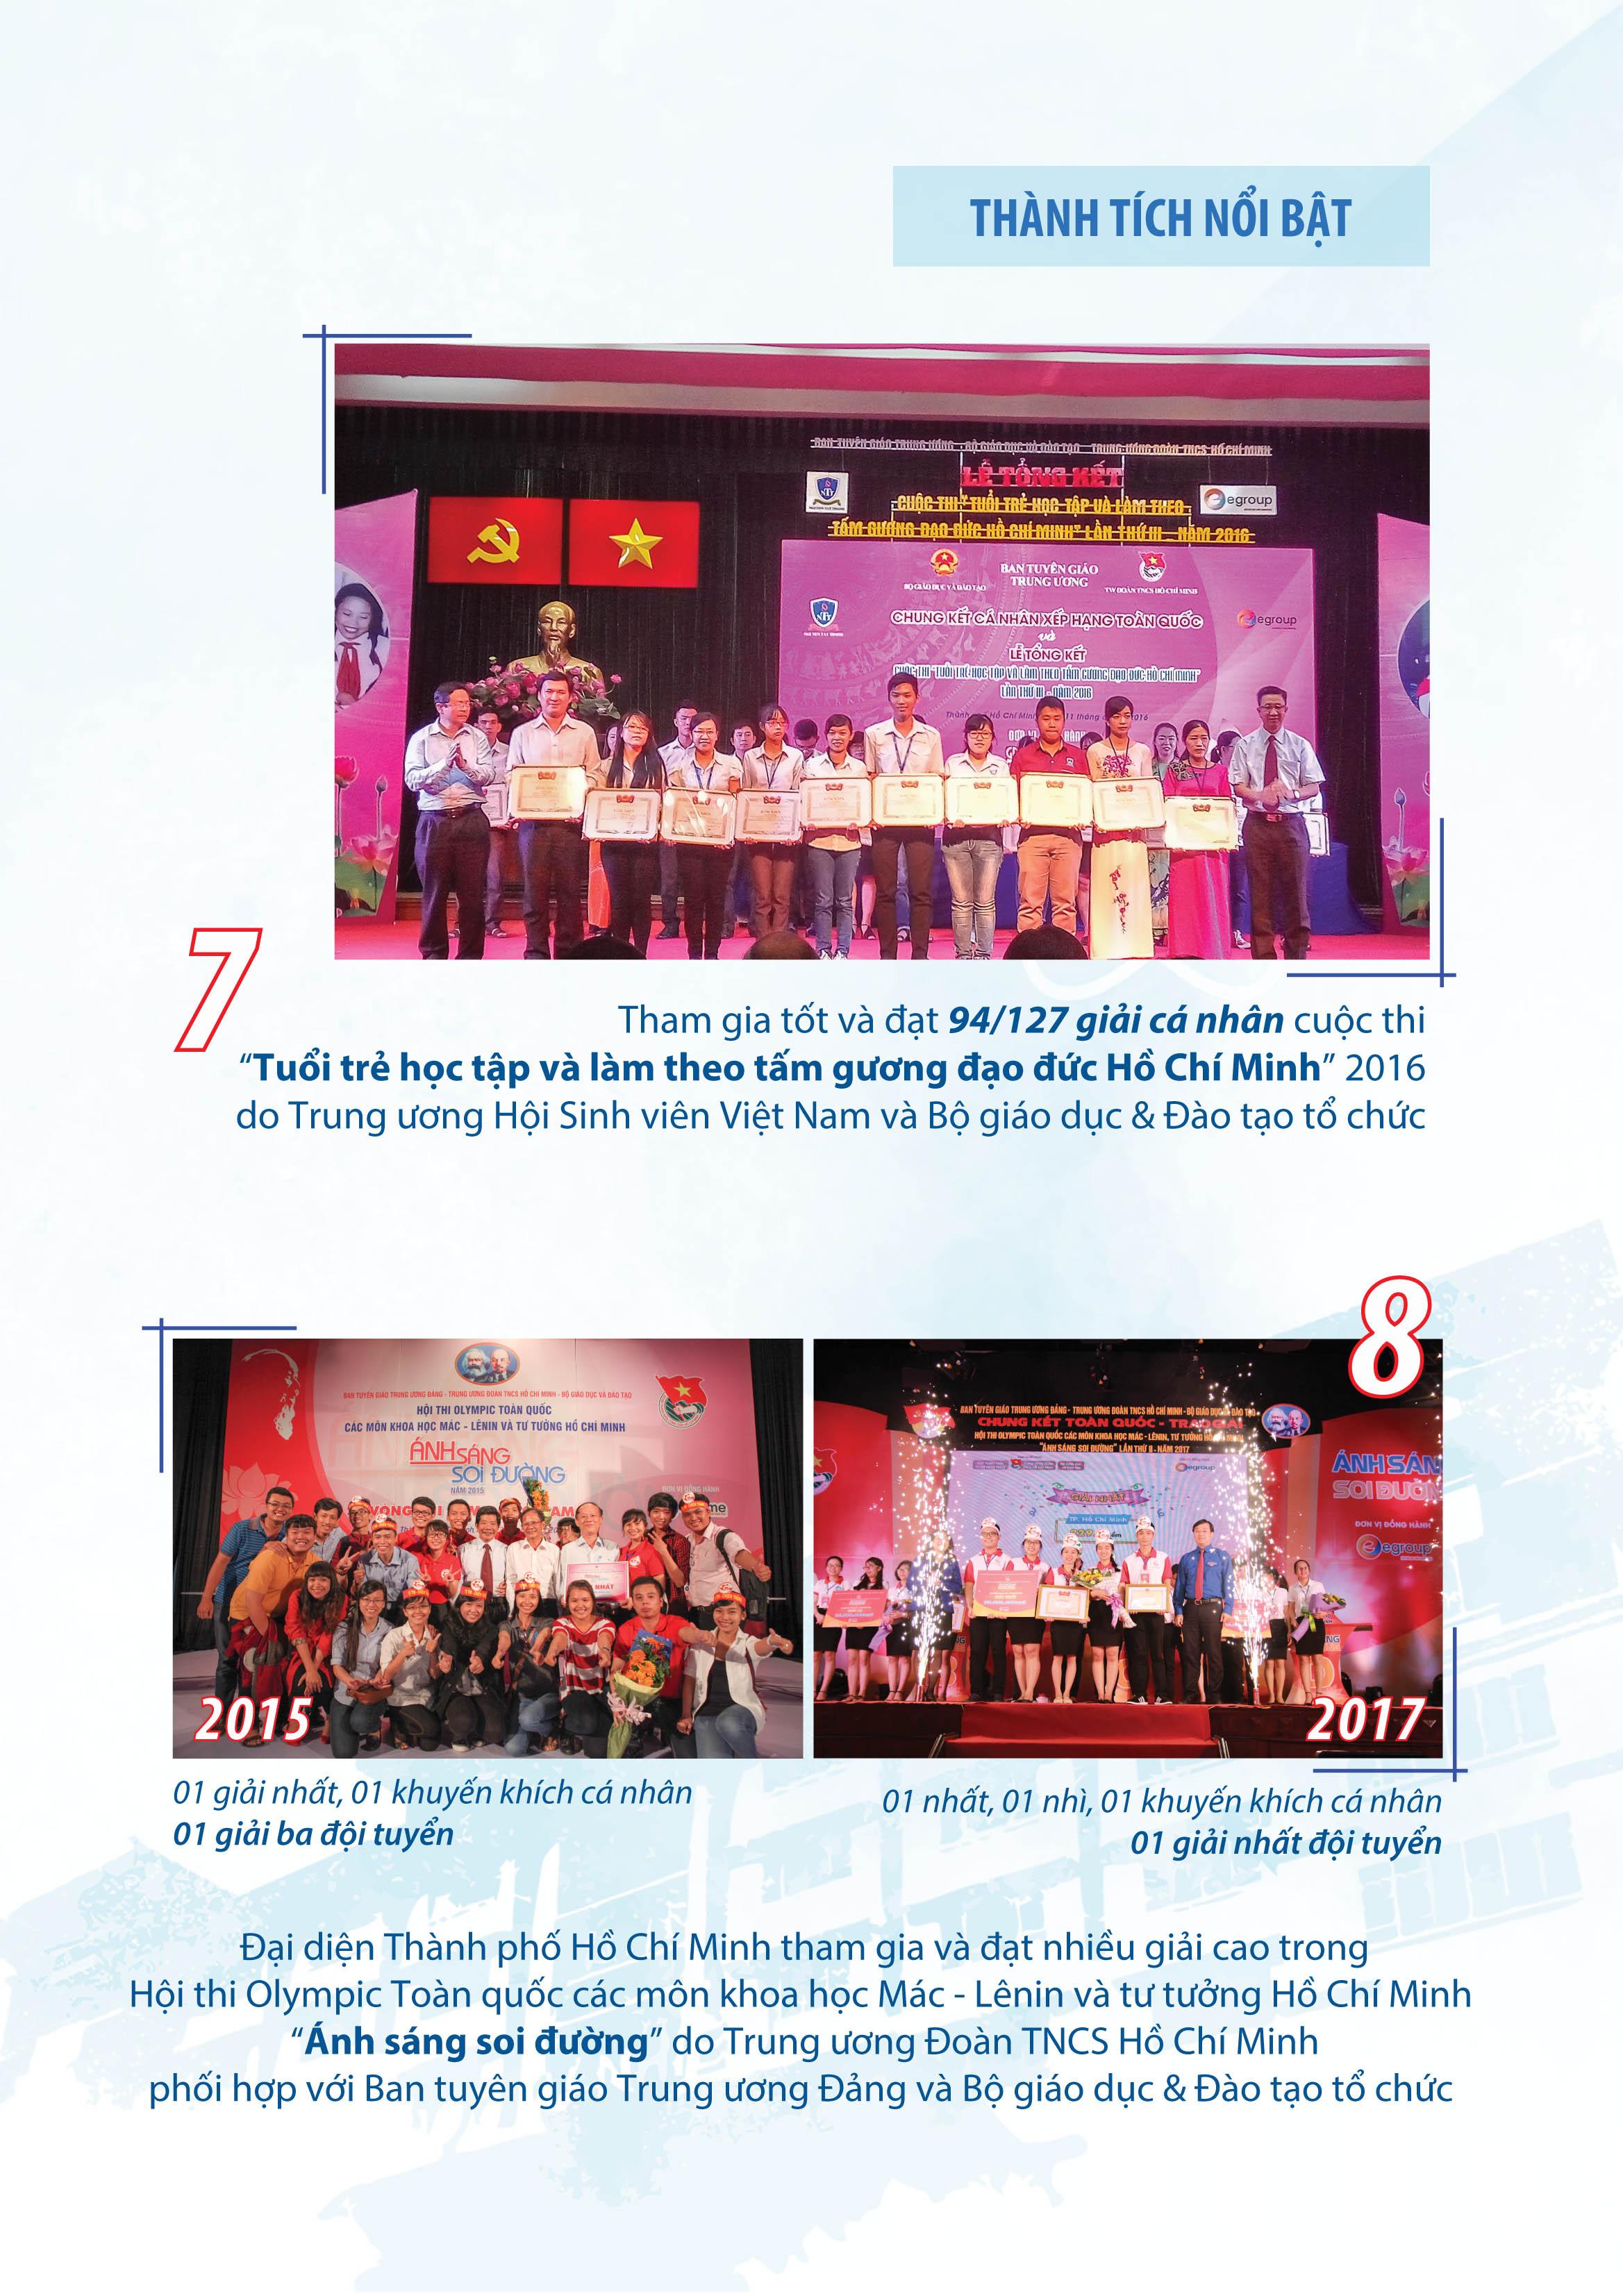 2. (Mau) Thanh tich-04